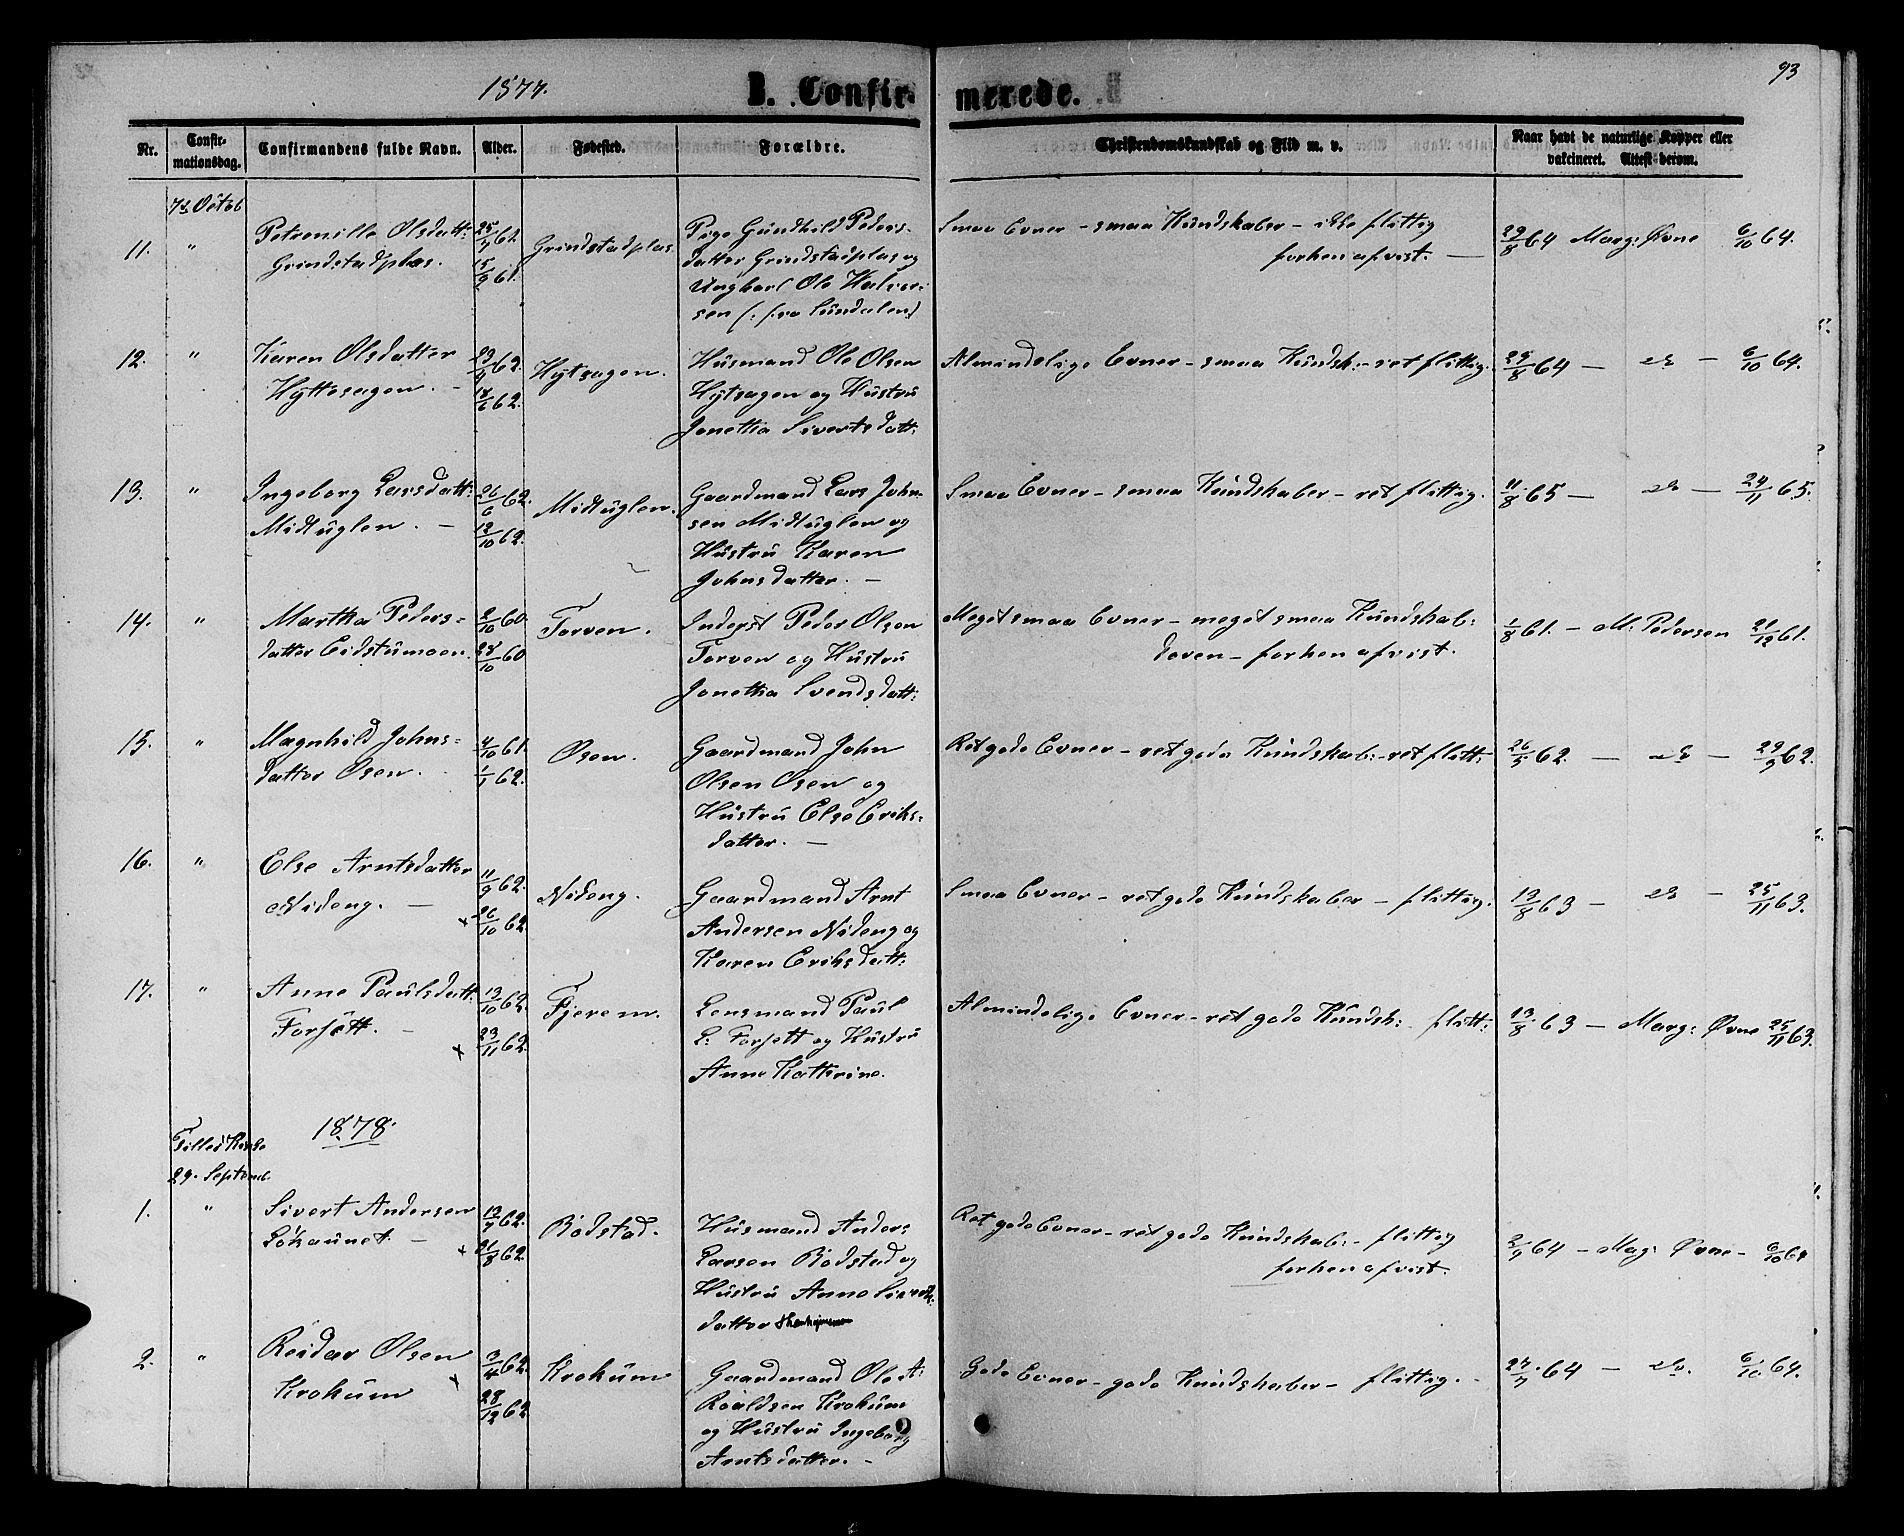 SAT, Ministerialprotokoller, klokkerbøker og fødselsregistre - Sør-Trøndelag, 618/L0451: Klokkerbok nr. 618C02, 1865-1883, s. 93